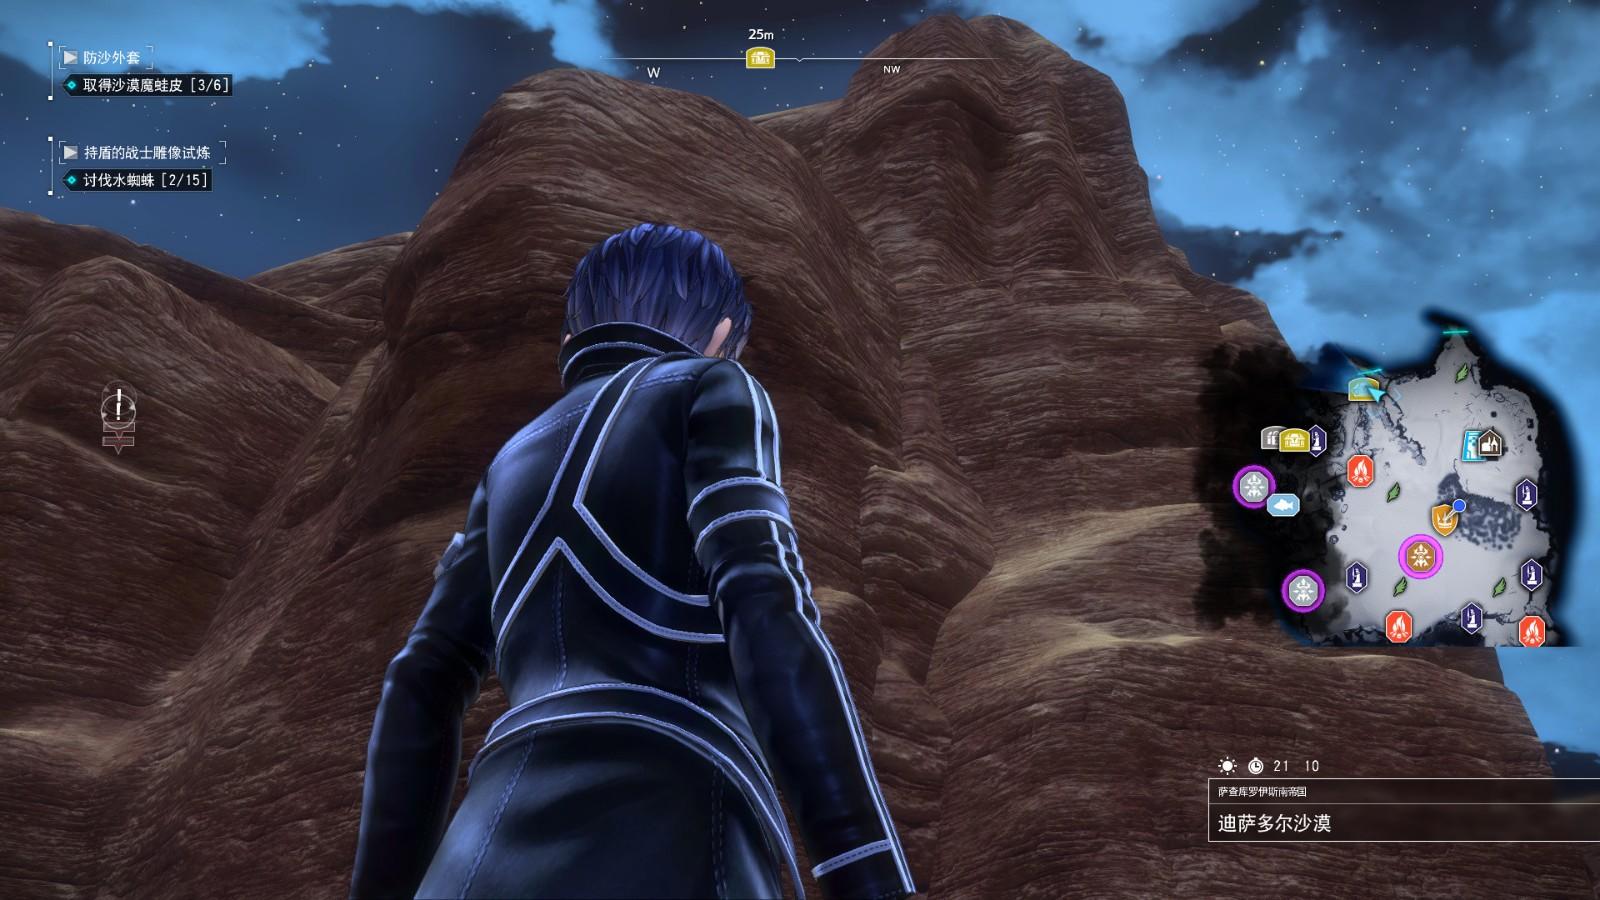 《刀剑神域:彼岸游境》评测:粗糙的优化摧毁游戏体验 (4)